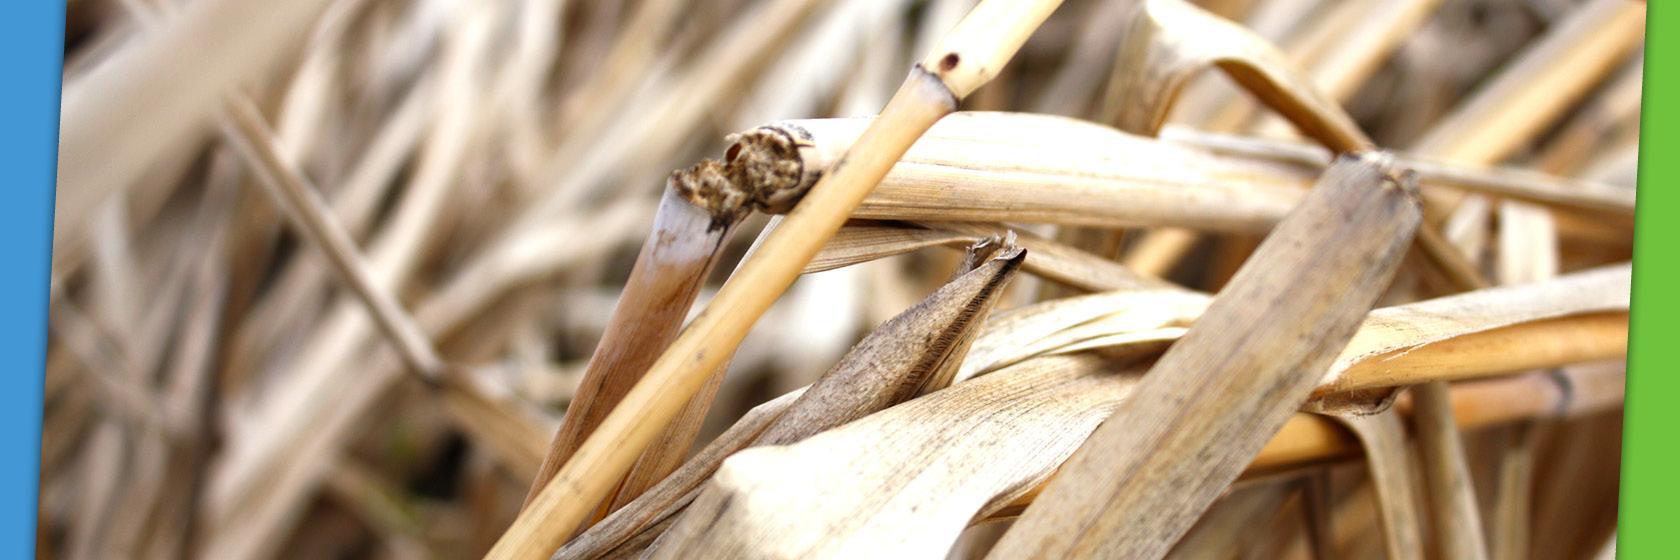 Copyright Andreas Pilz, Deutsches Biomasseforschungszentrum Gemeinnuetzige GMBH (DBFZ)